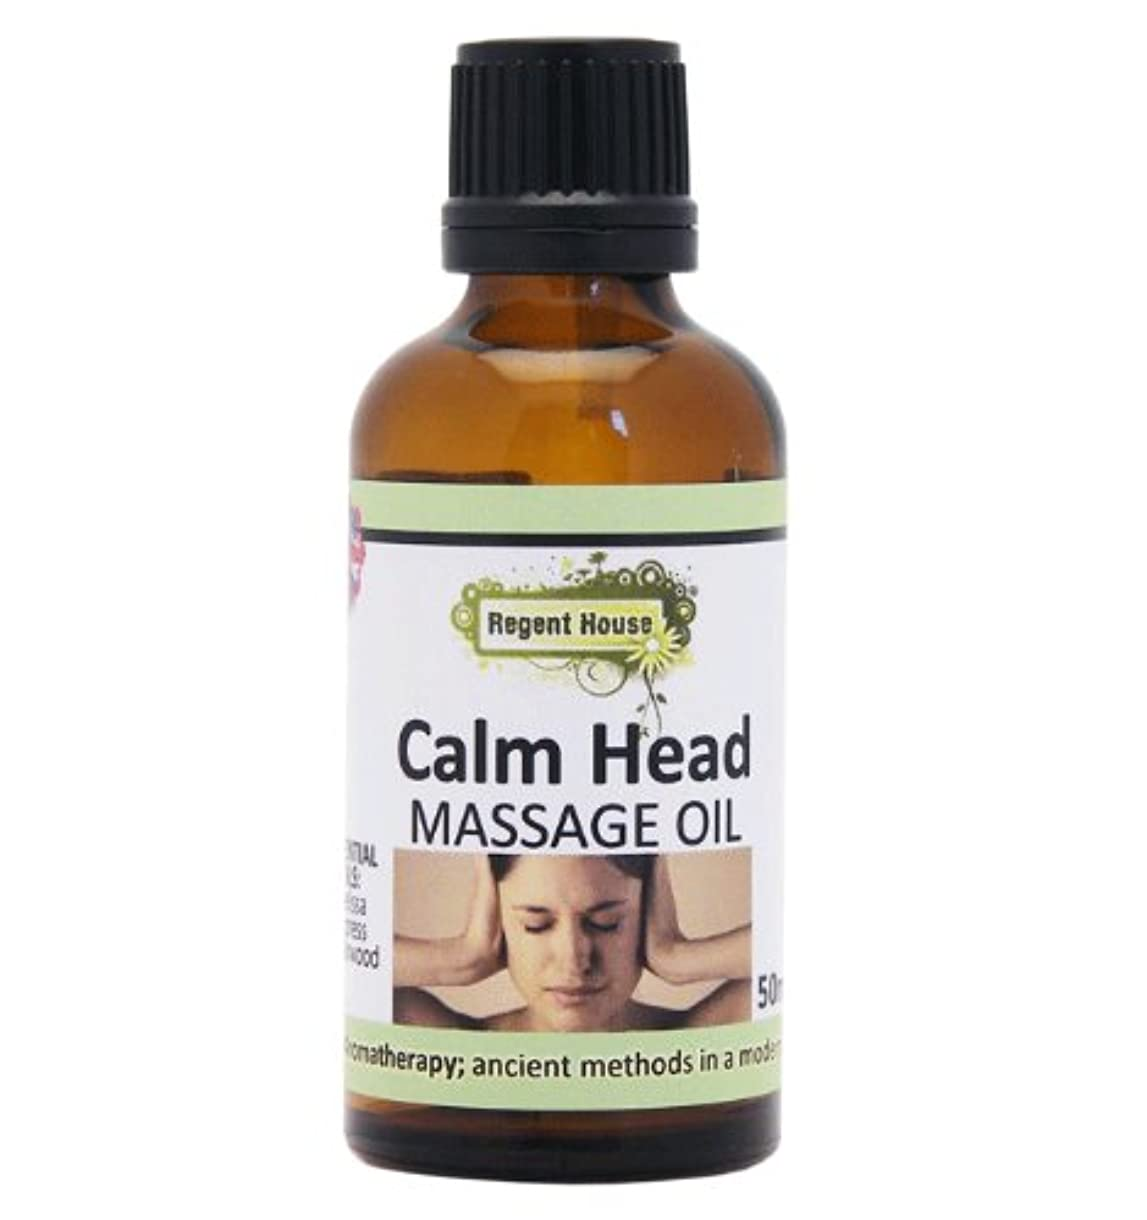 伝統強盗加害者天然の精油がたっぷり入って、この値段。 アロマ ナチュラル マッサージオイル 50ml カームヘッド(Aroma Massage Oil Calm Head)